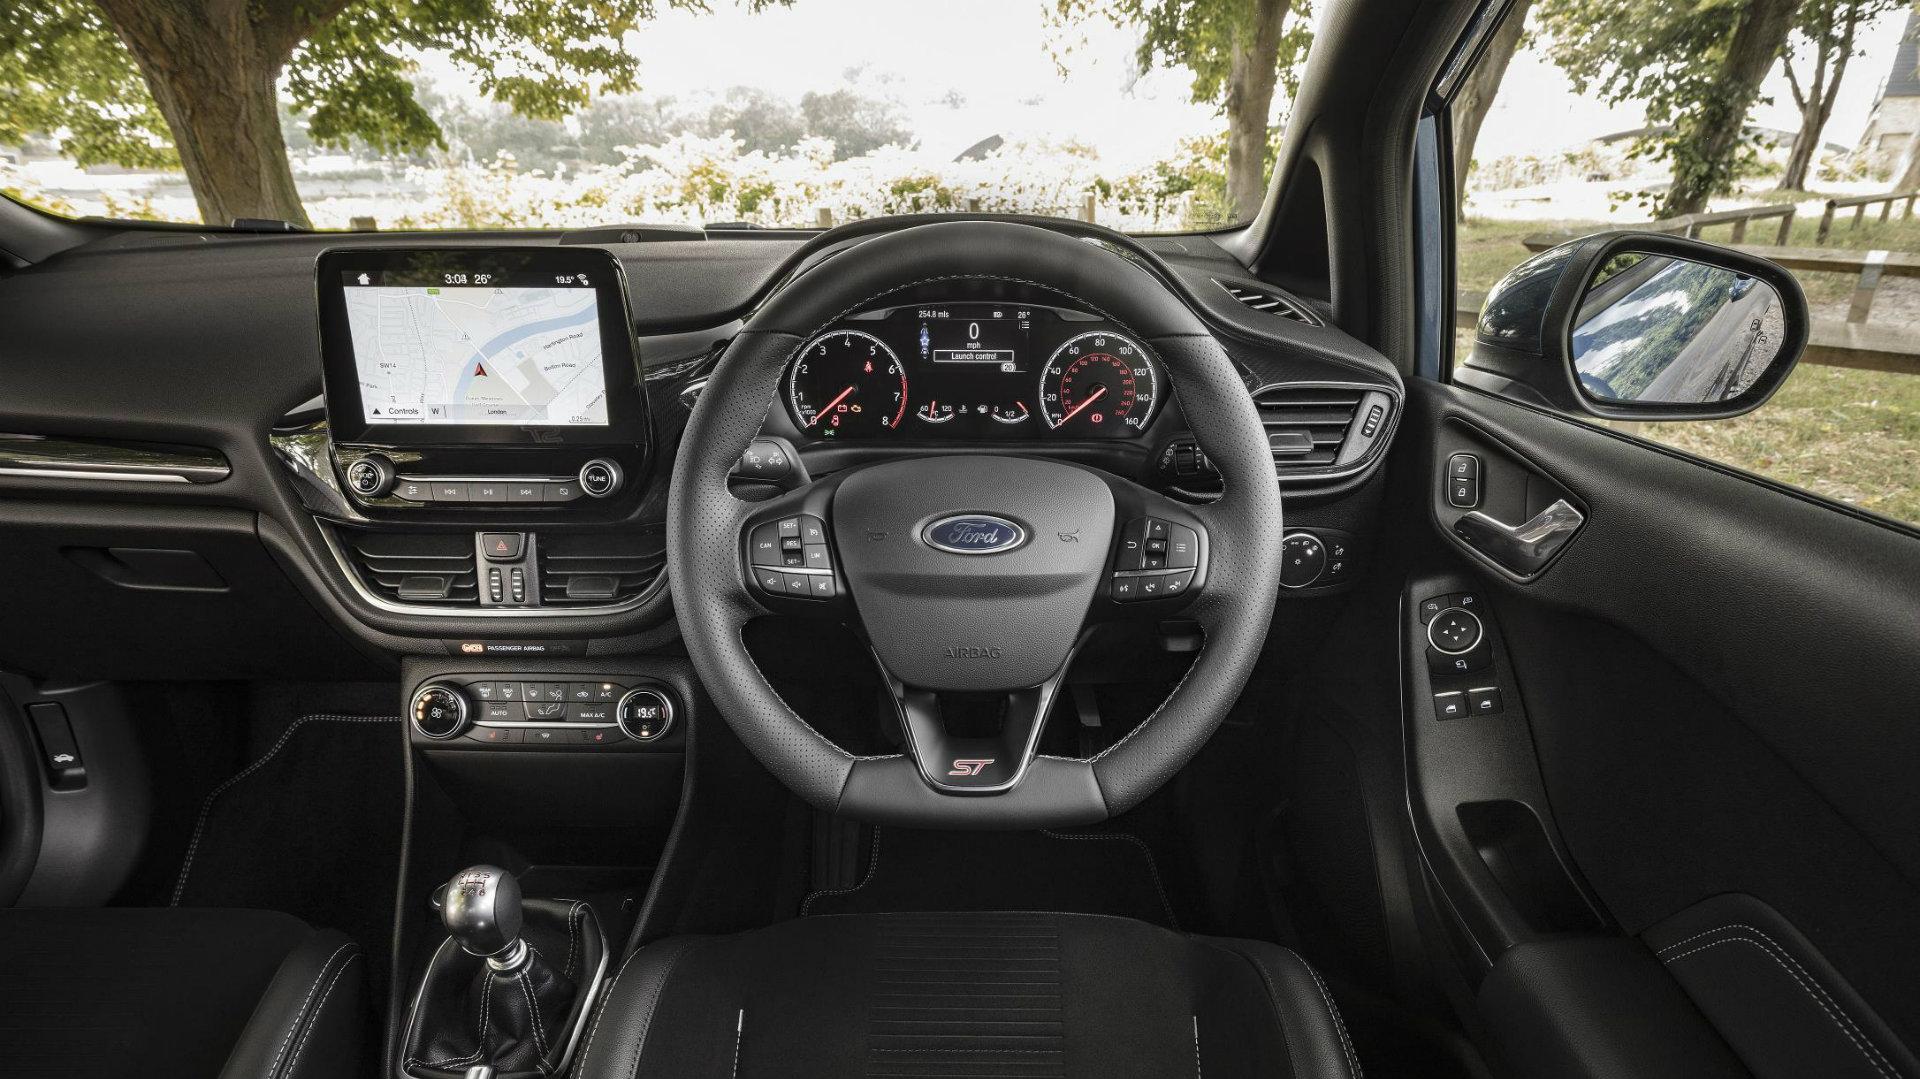 Fiesta ST cabin.jpg (419 KB)